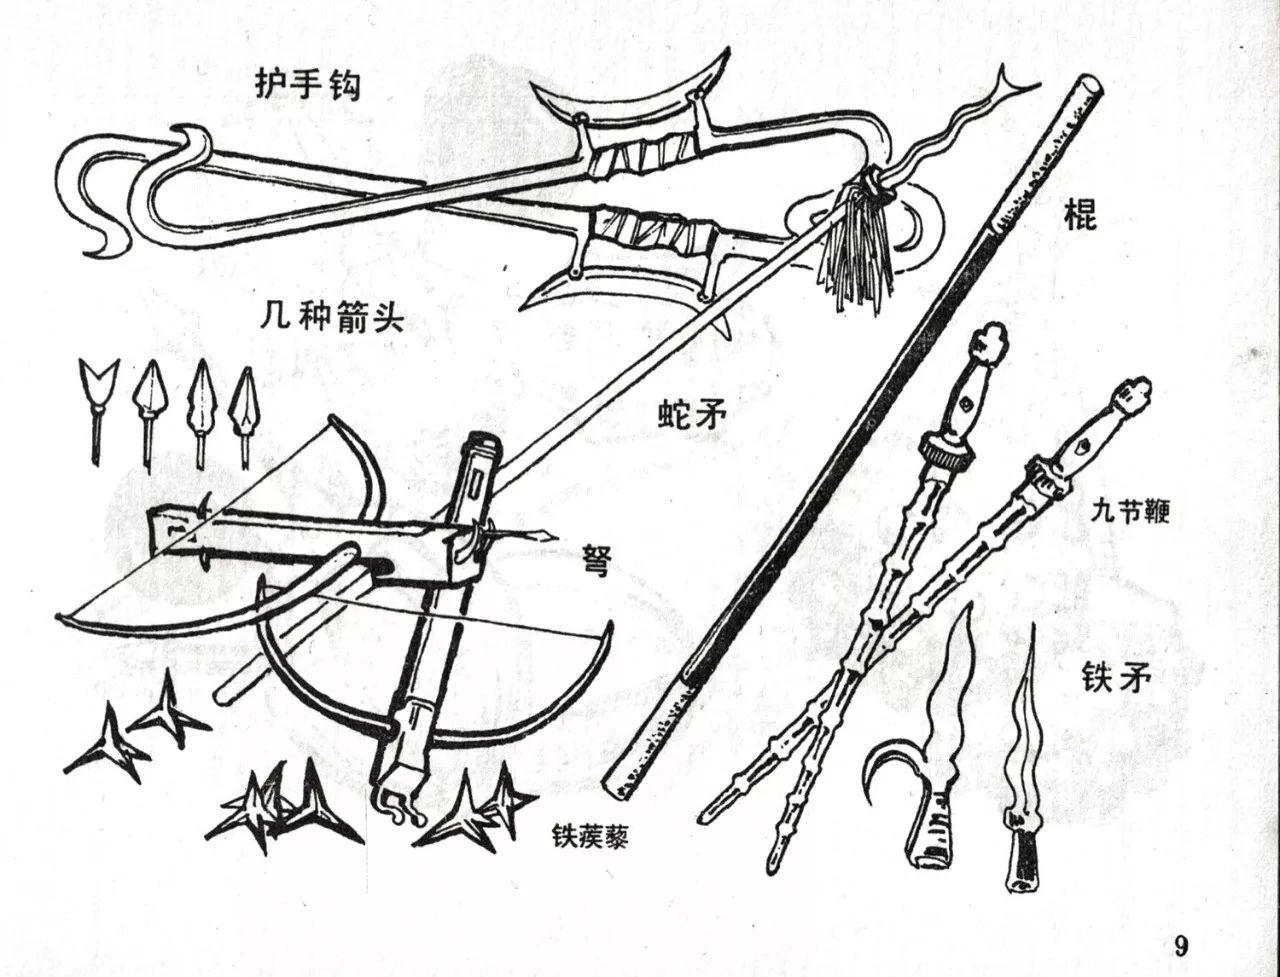 等多个朝代的武器和历史战争